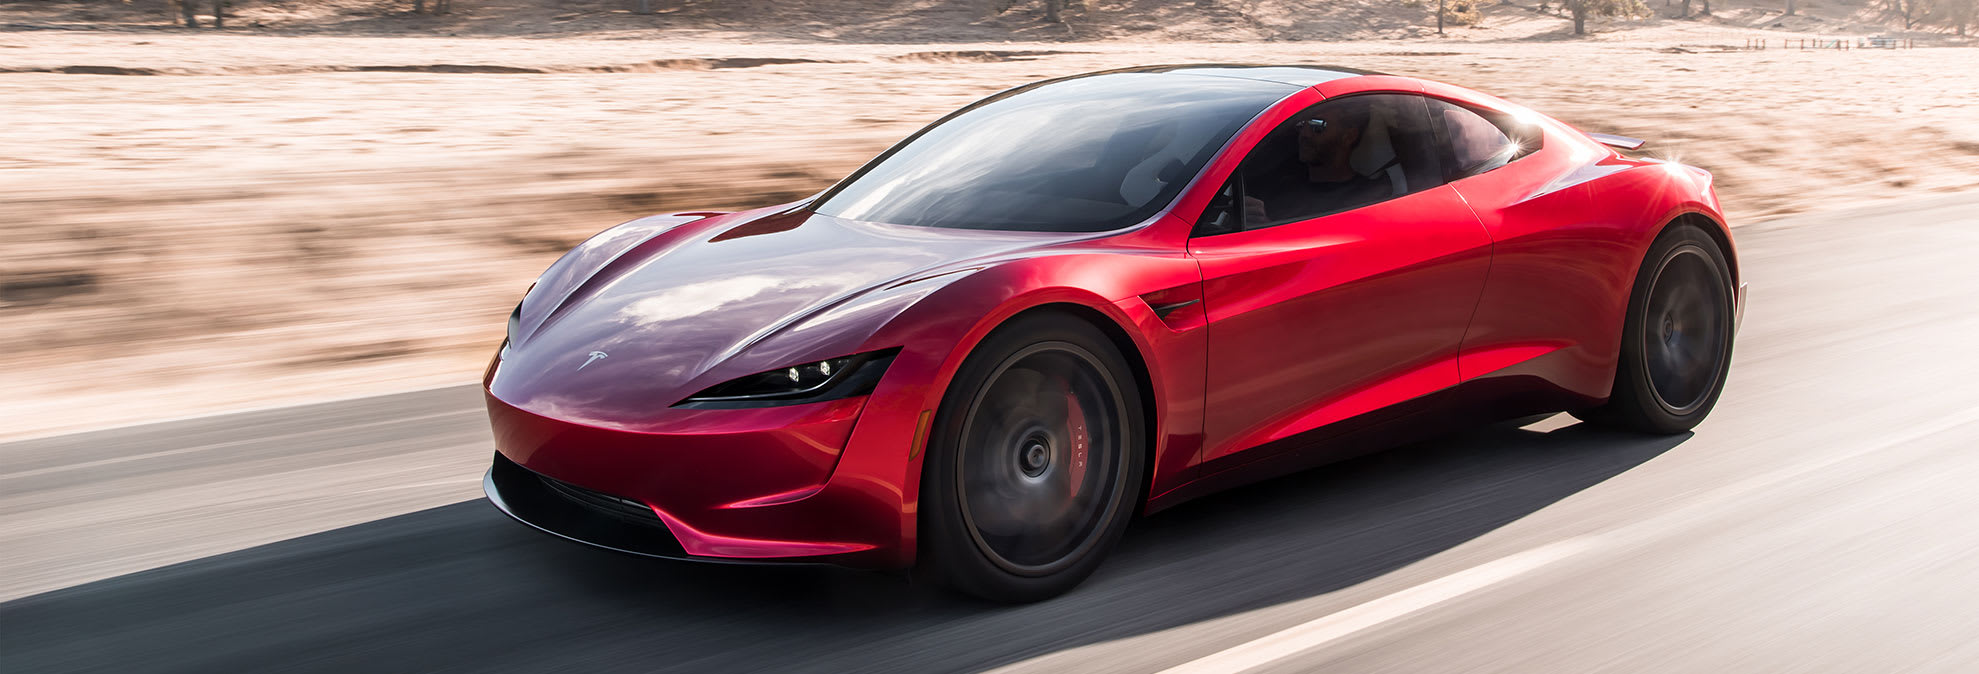 Tesla Revives Roadster For 2020